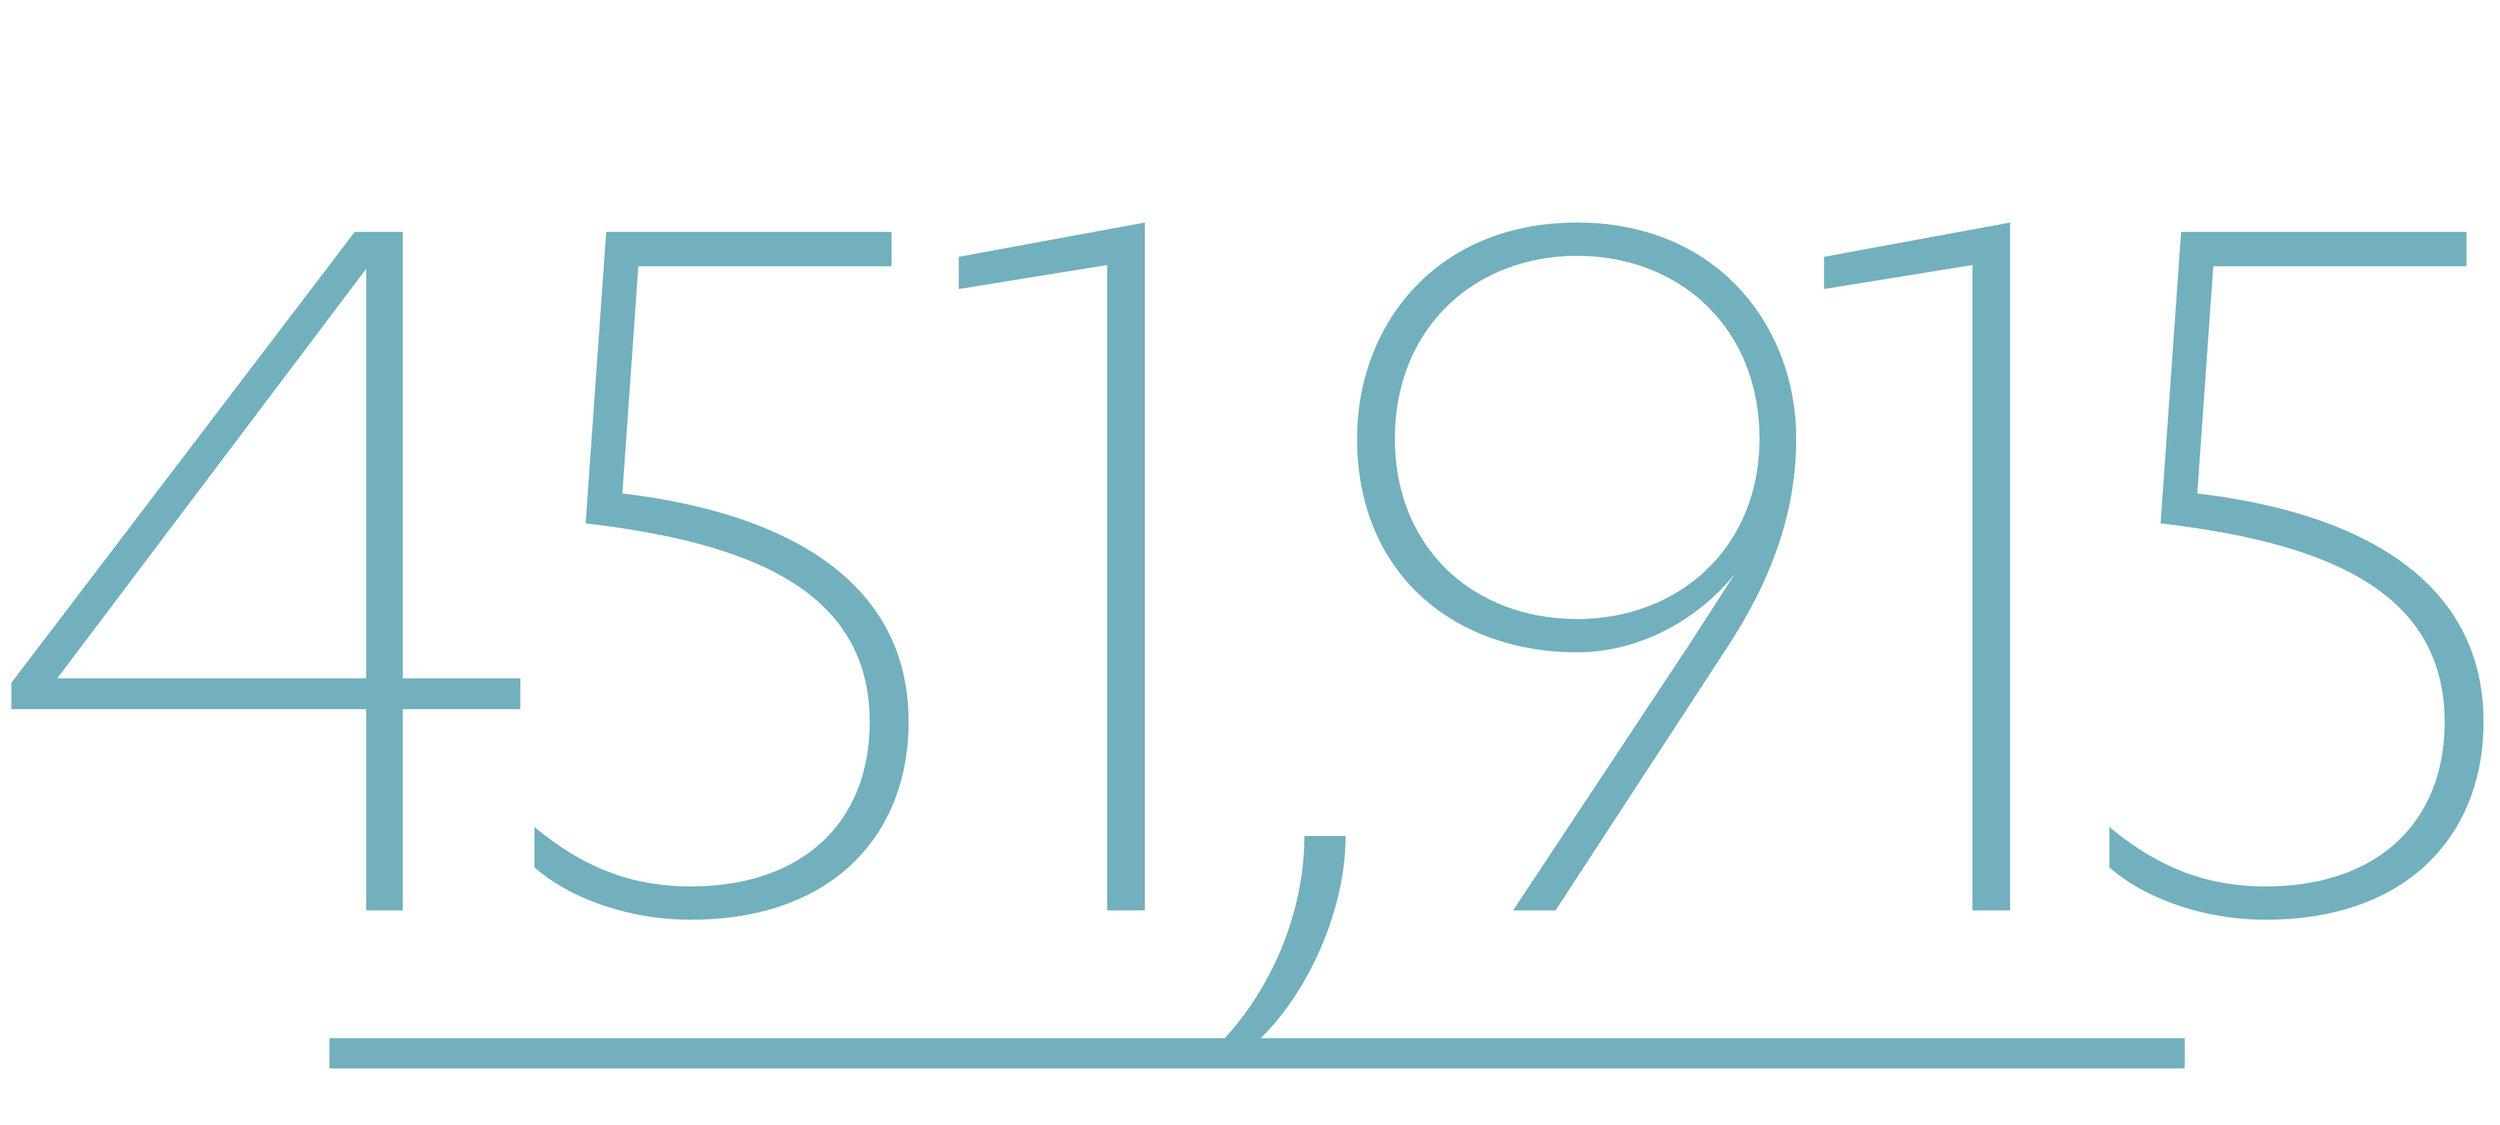 451915.jpg